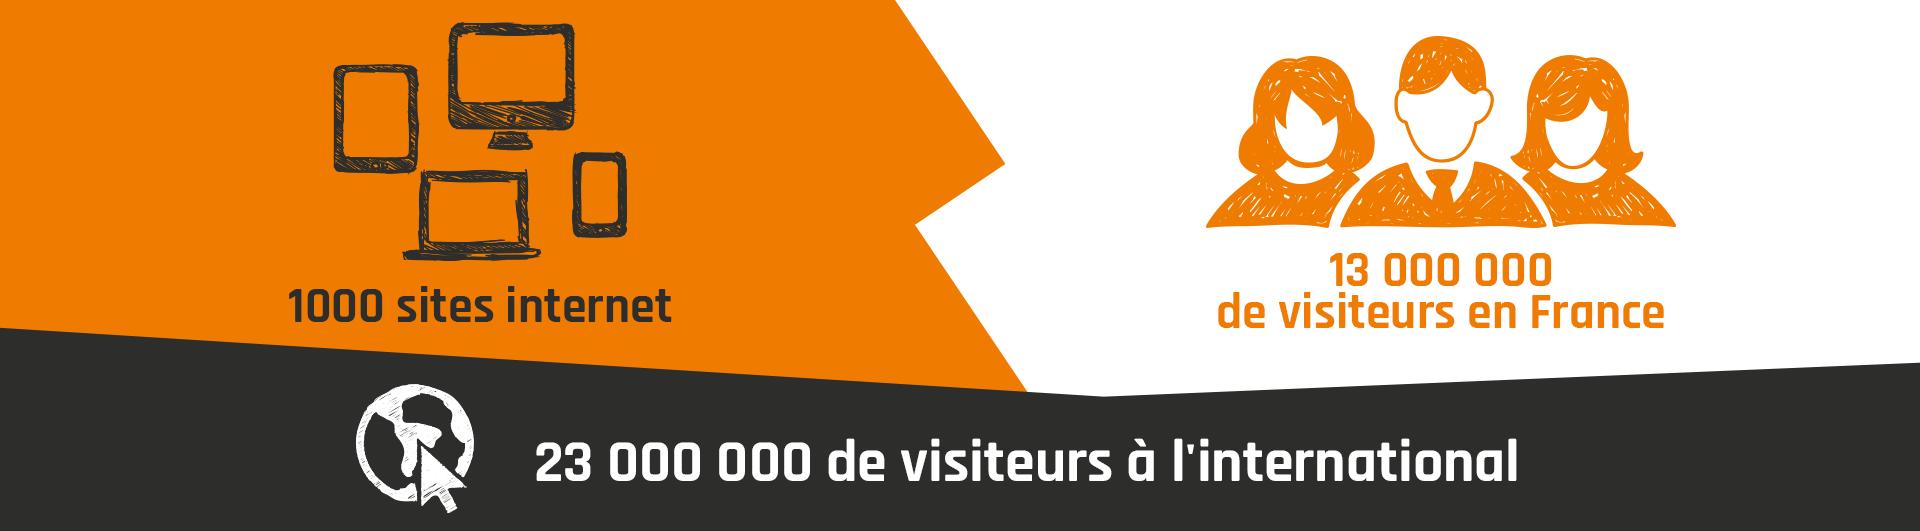 23 000 000 de visiteurs à l'international